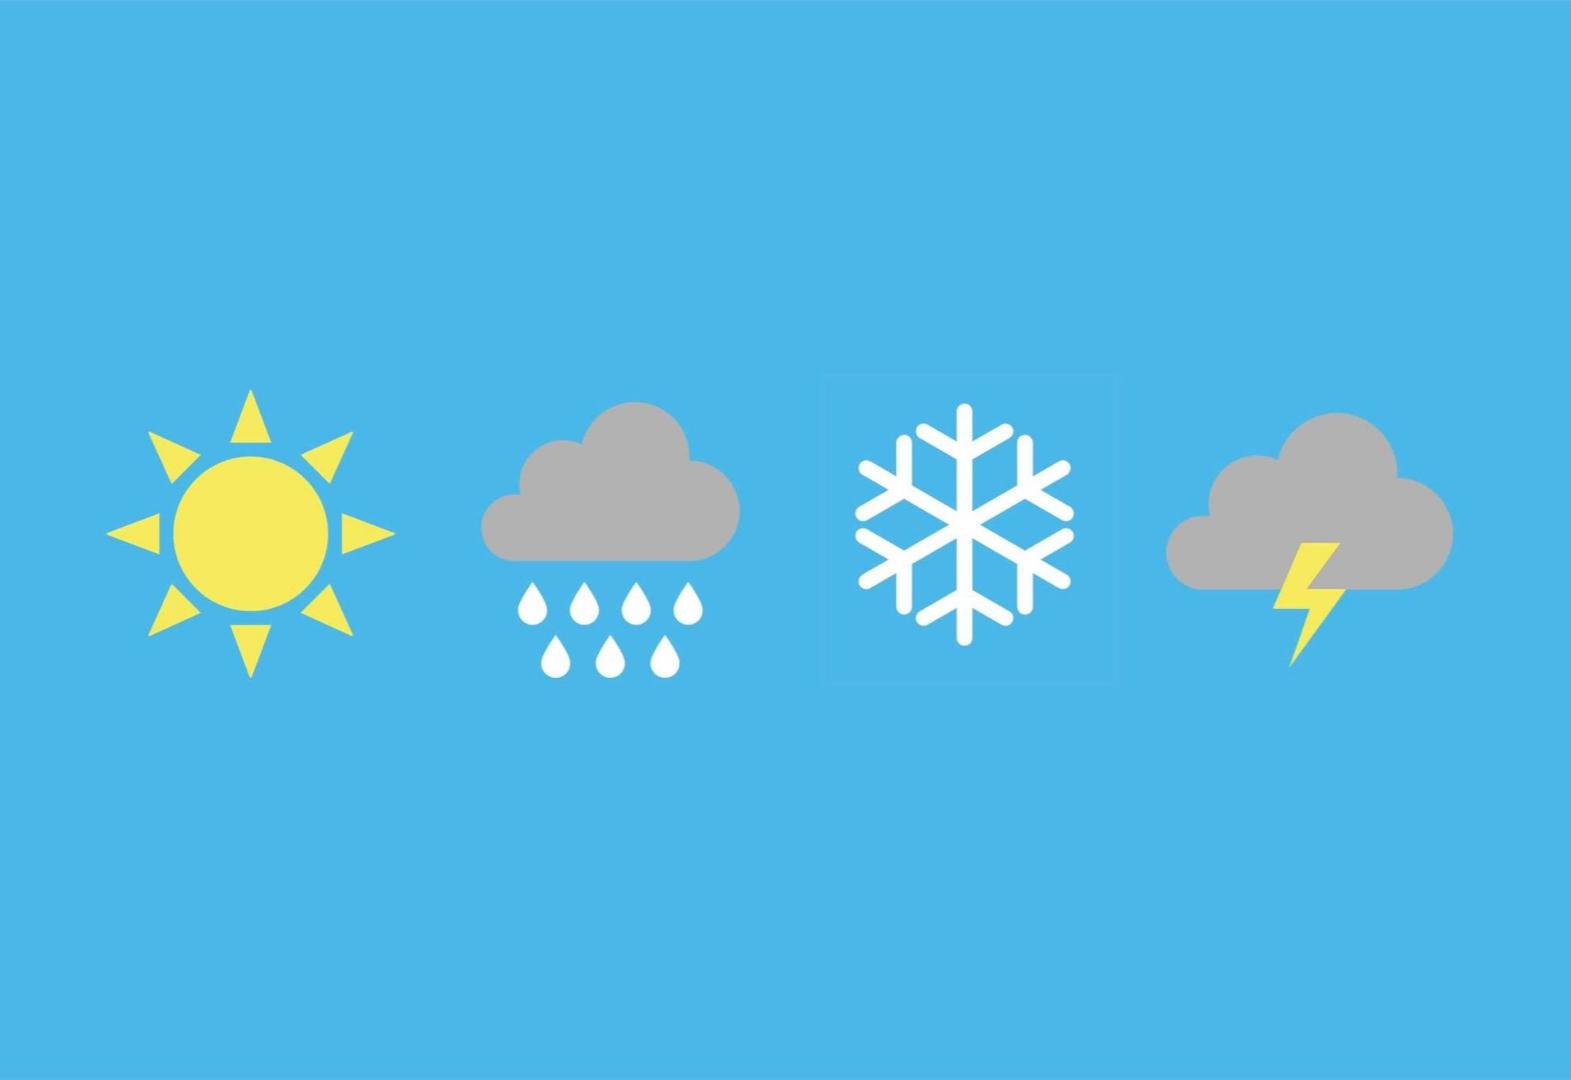 Lahko res pričakujemo sneg?